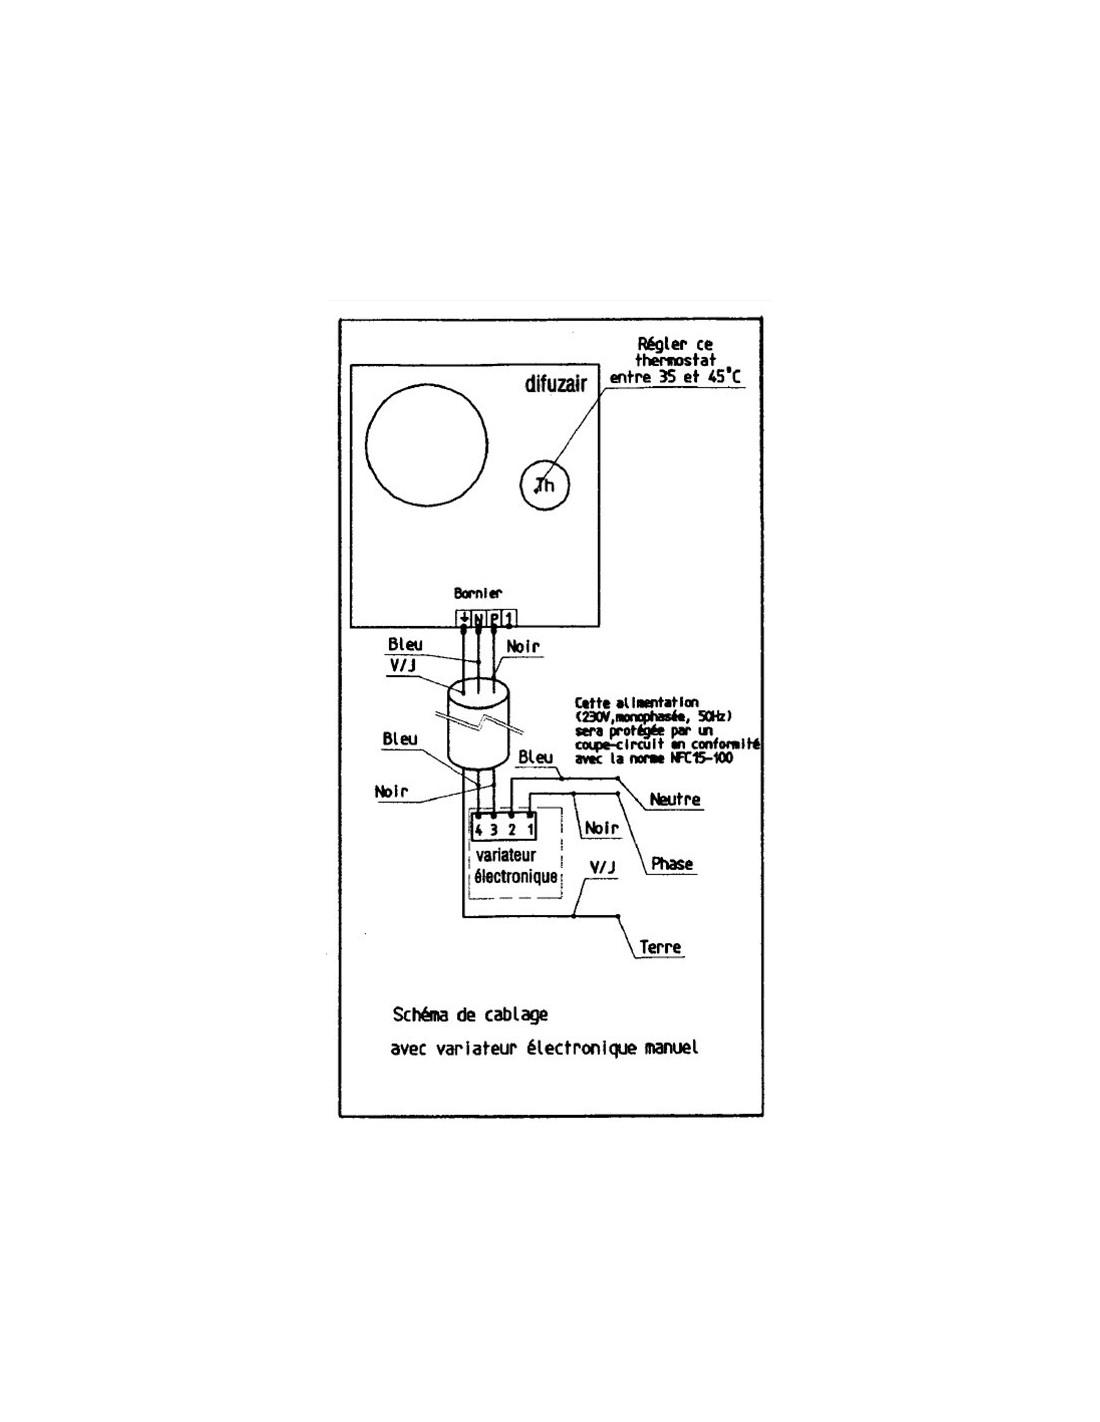 variateur nather pour r cup rateur de chaleur chemin e difuzair. Black Bedroom Furniture Sets. Home Design Ideas